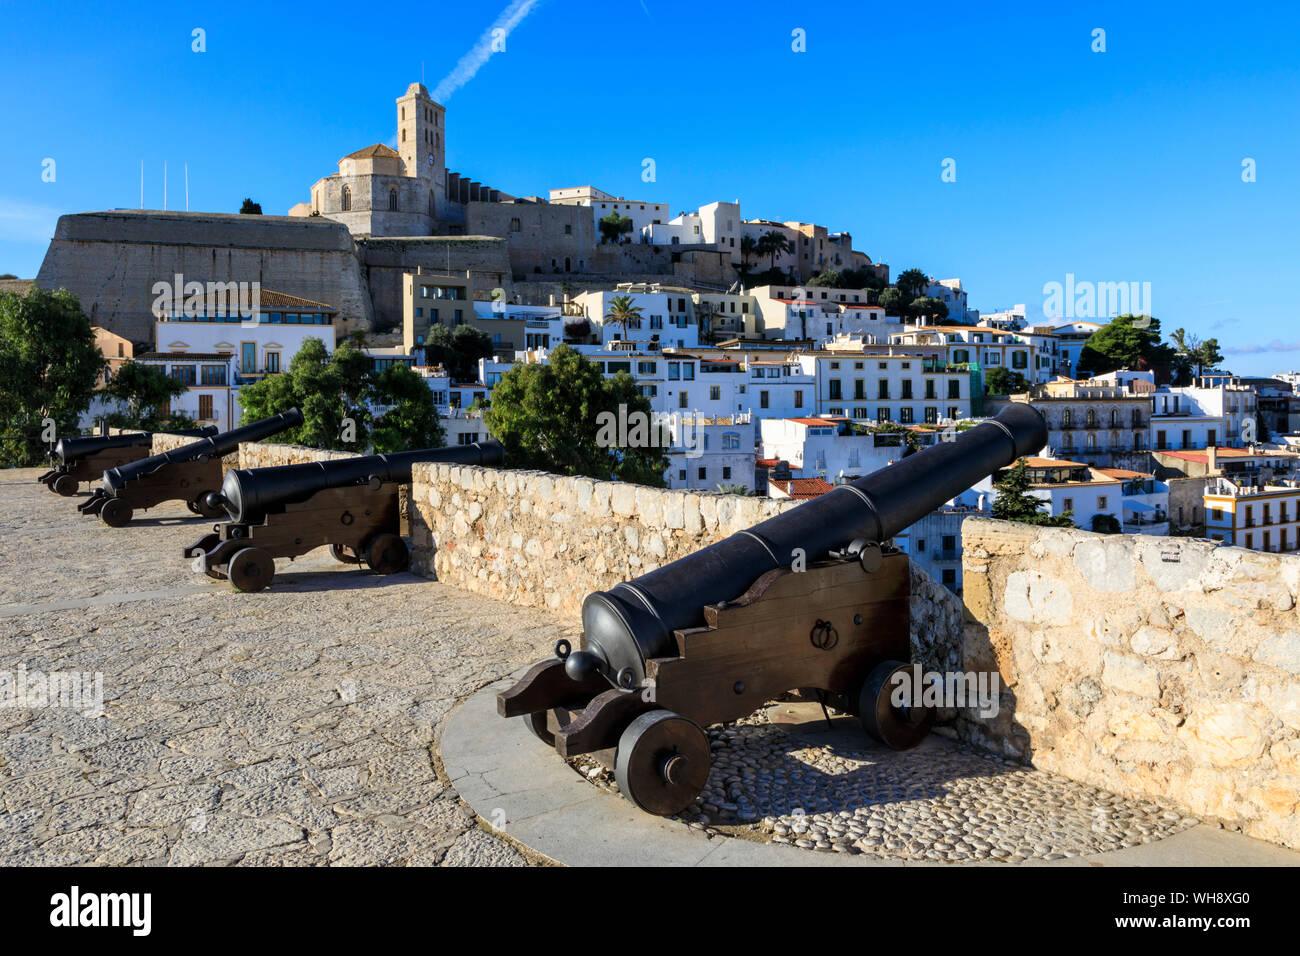 Bastion, cañones, las murallas de Dalt Vila, la catedral, el casco antiguo, declarado Patrimonio de la Humanidad por la UNESCO, la ciudad de Ibiza, Islas Baleares, España, Mediterráneo, Europa Foto de stock